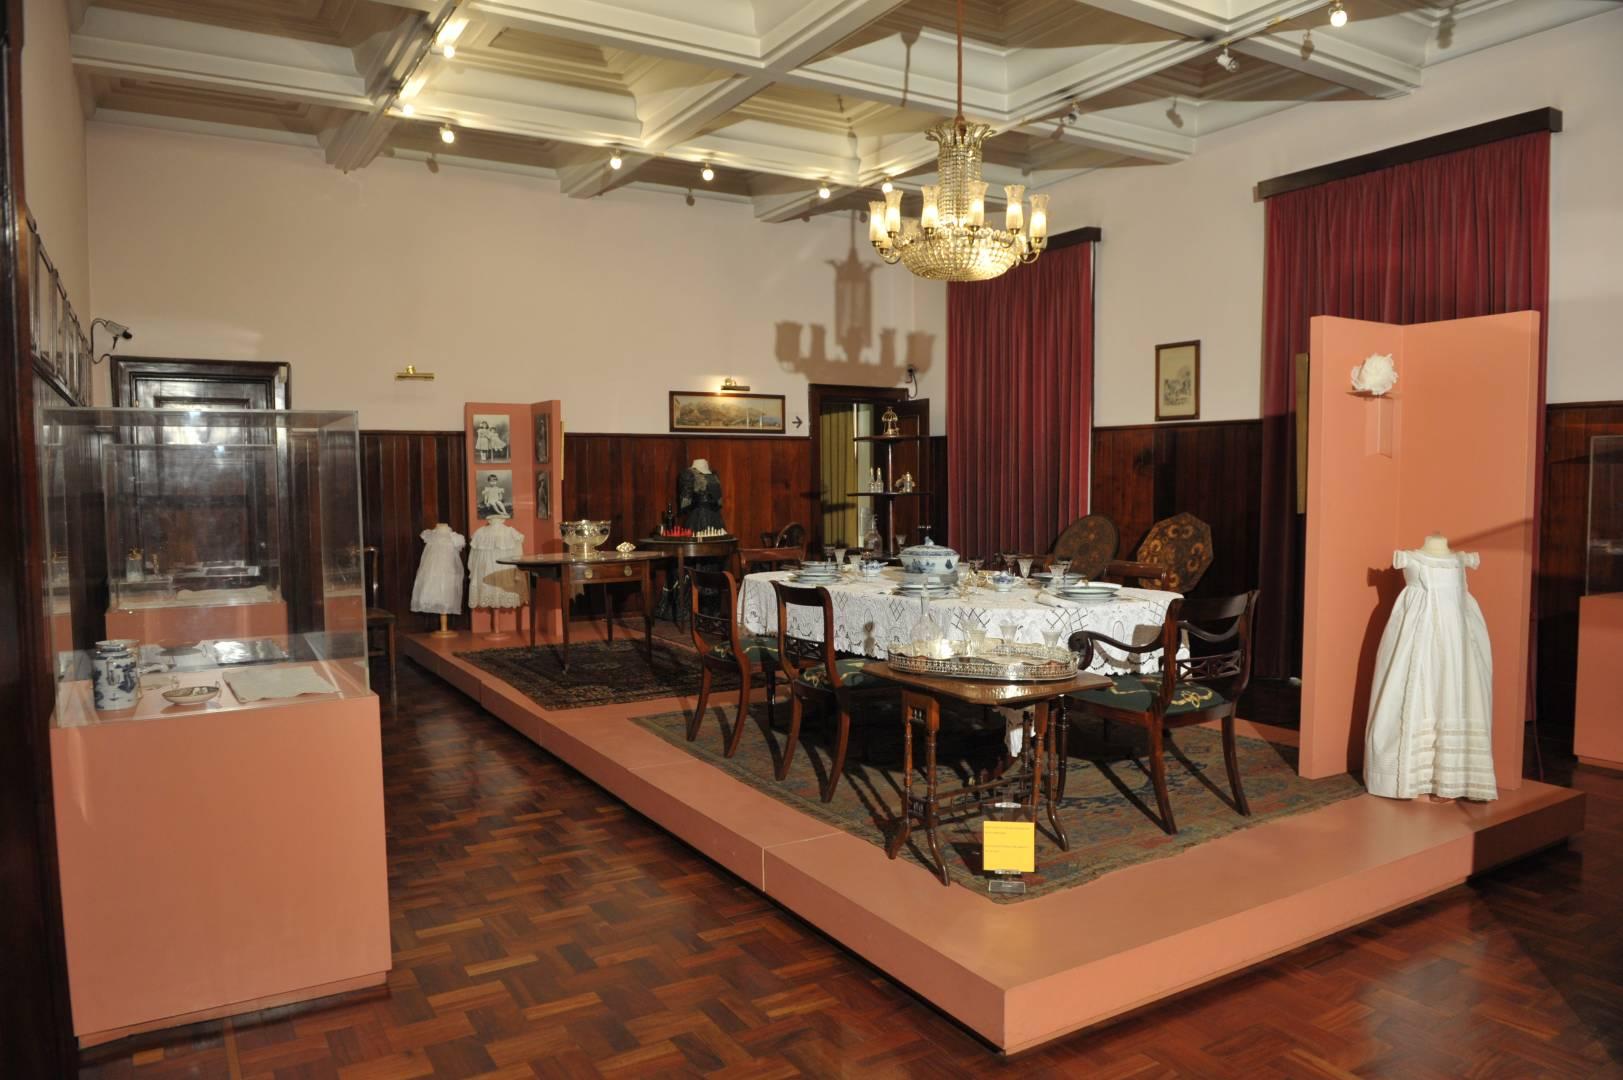 Museu do Bordado e do Artesanato